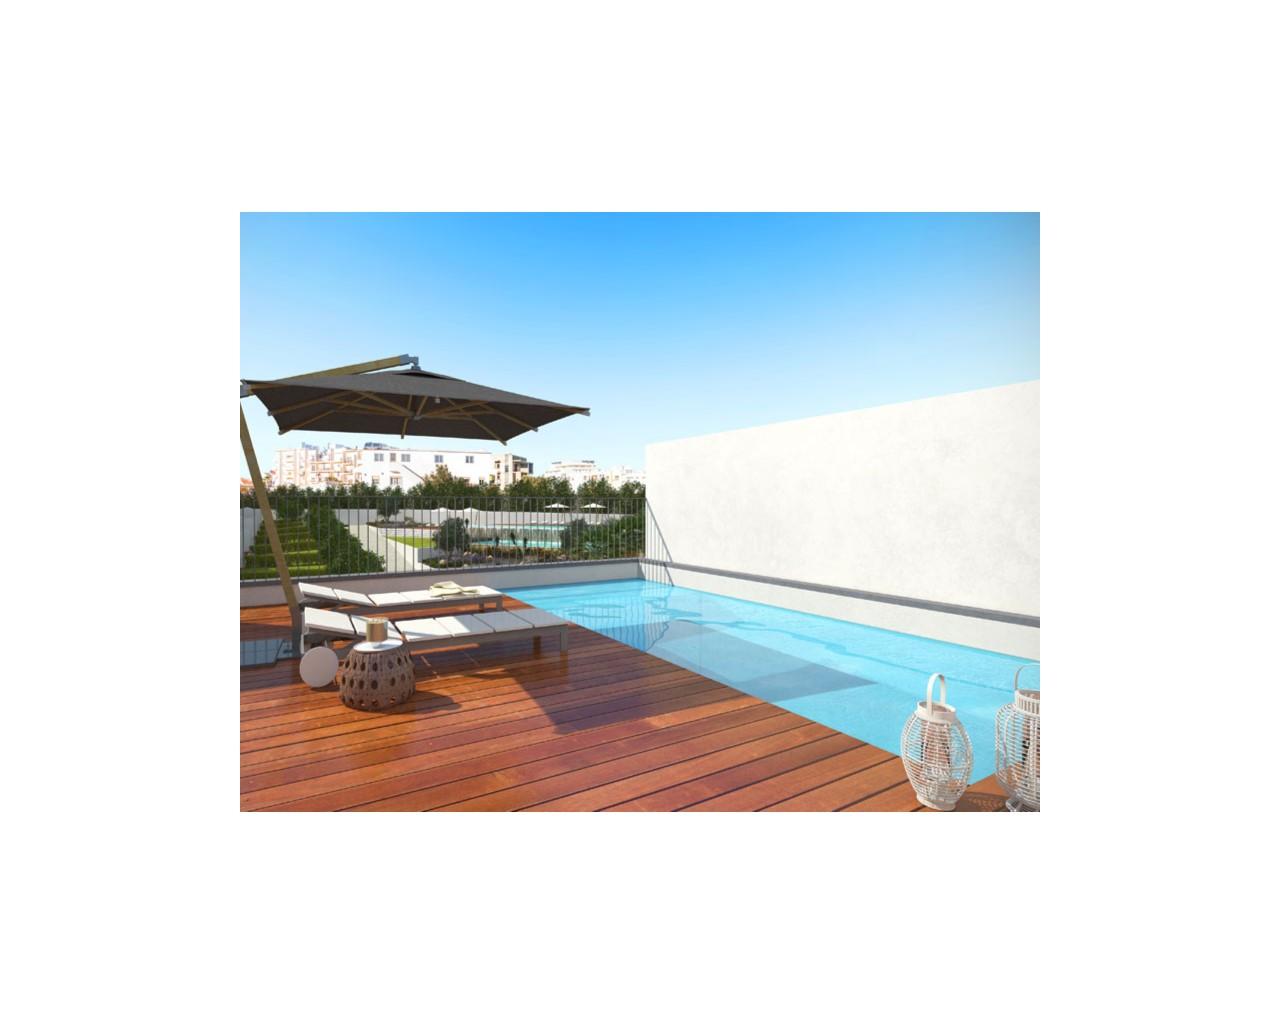 Piscine priv\u00e9e sur le toit-Albufeira Green Villas